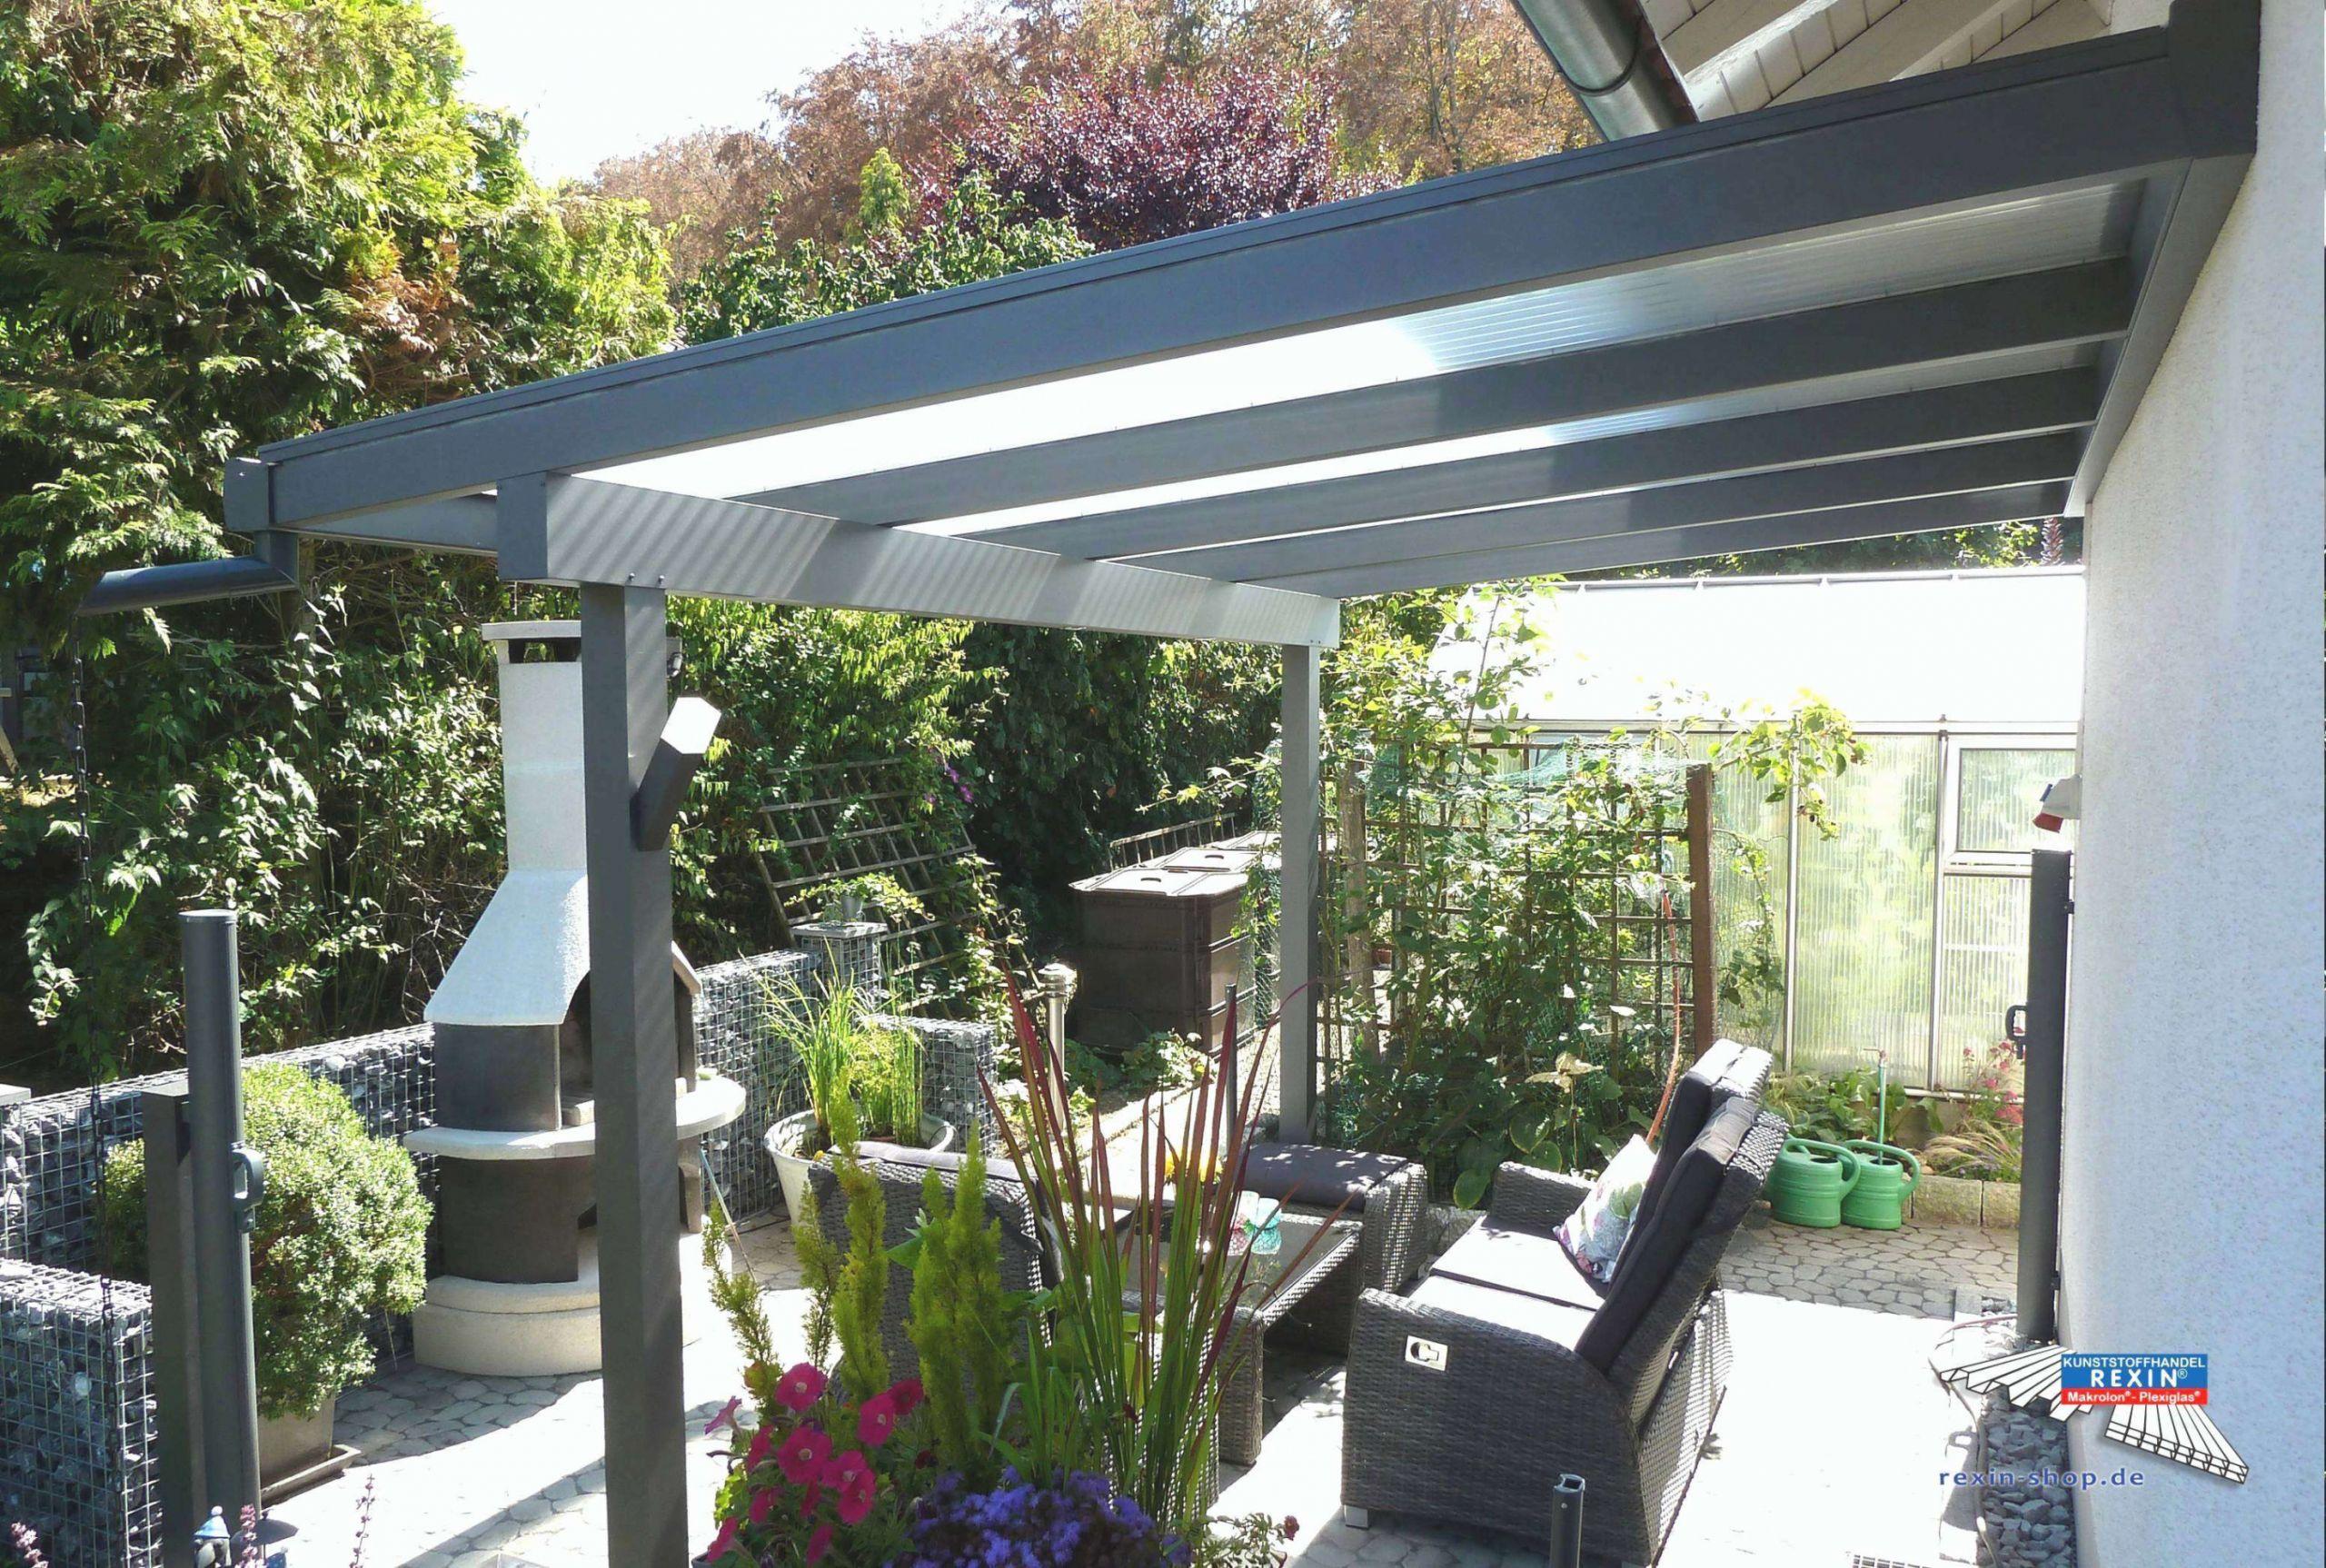 Gartengestaltung Selbst Gemacht Genial Deko Garten Selber Machen — Temobardz Home Blog